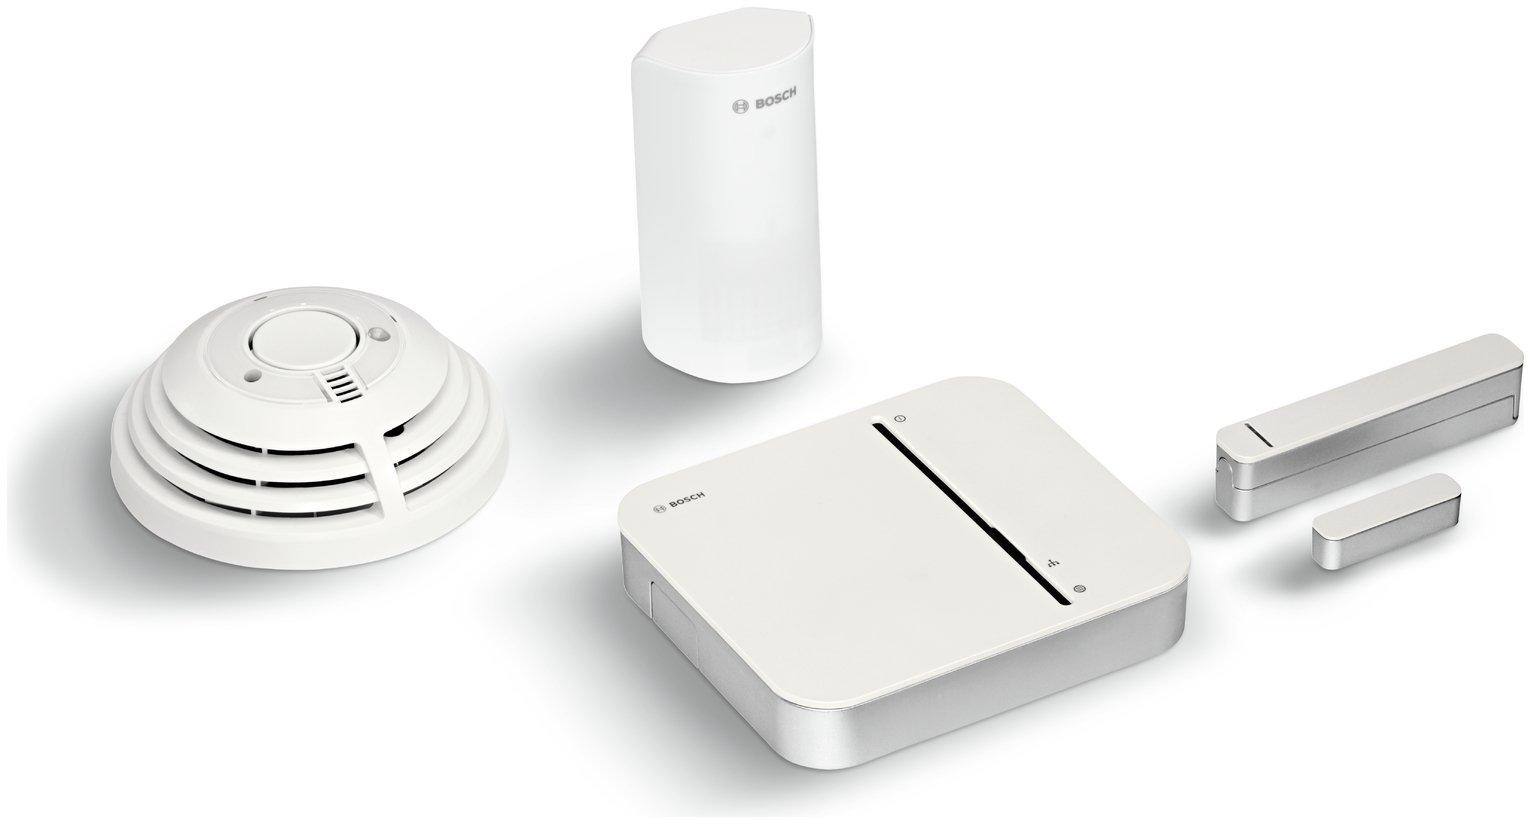 Bosch Smart Home Security Starter Set